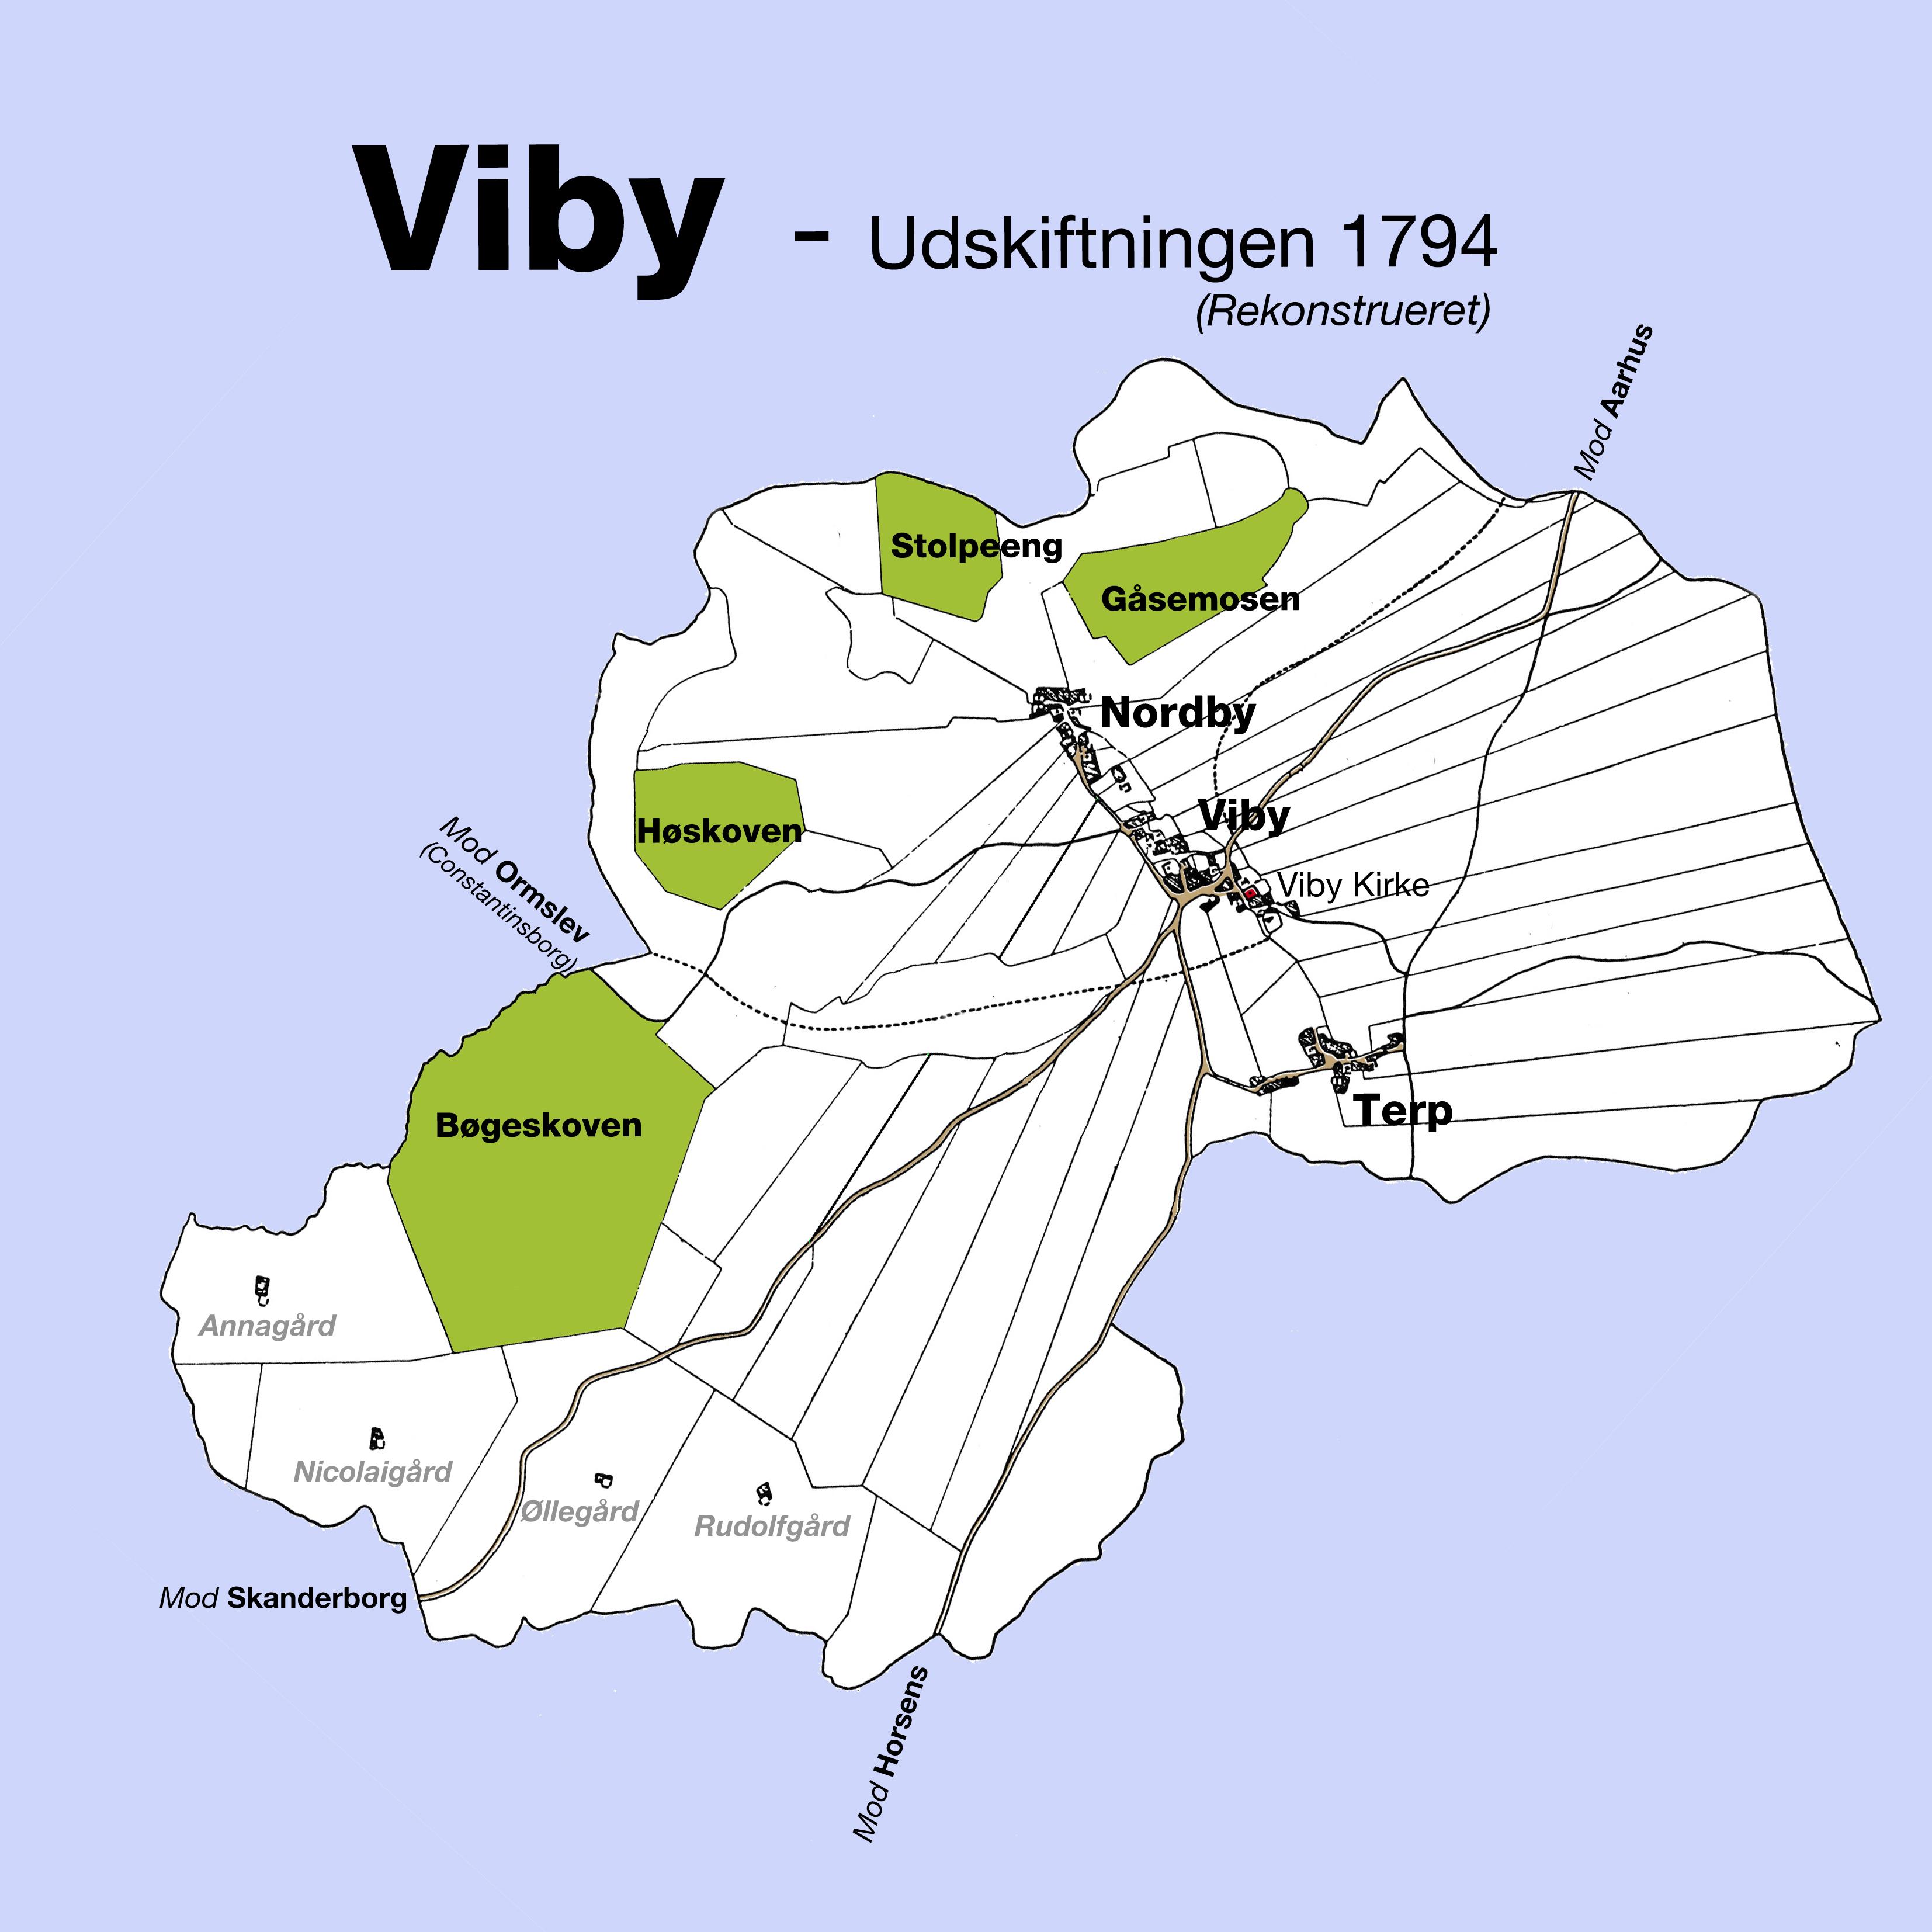 Vibys Originale Kortmagasin Viby Lokalhistorie